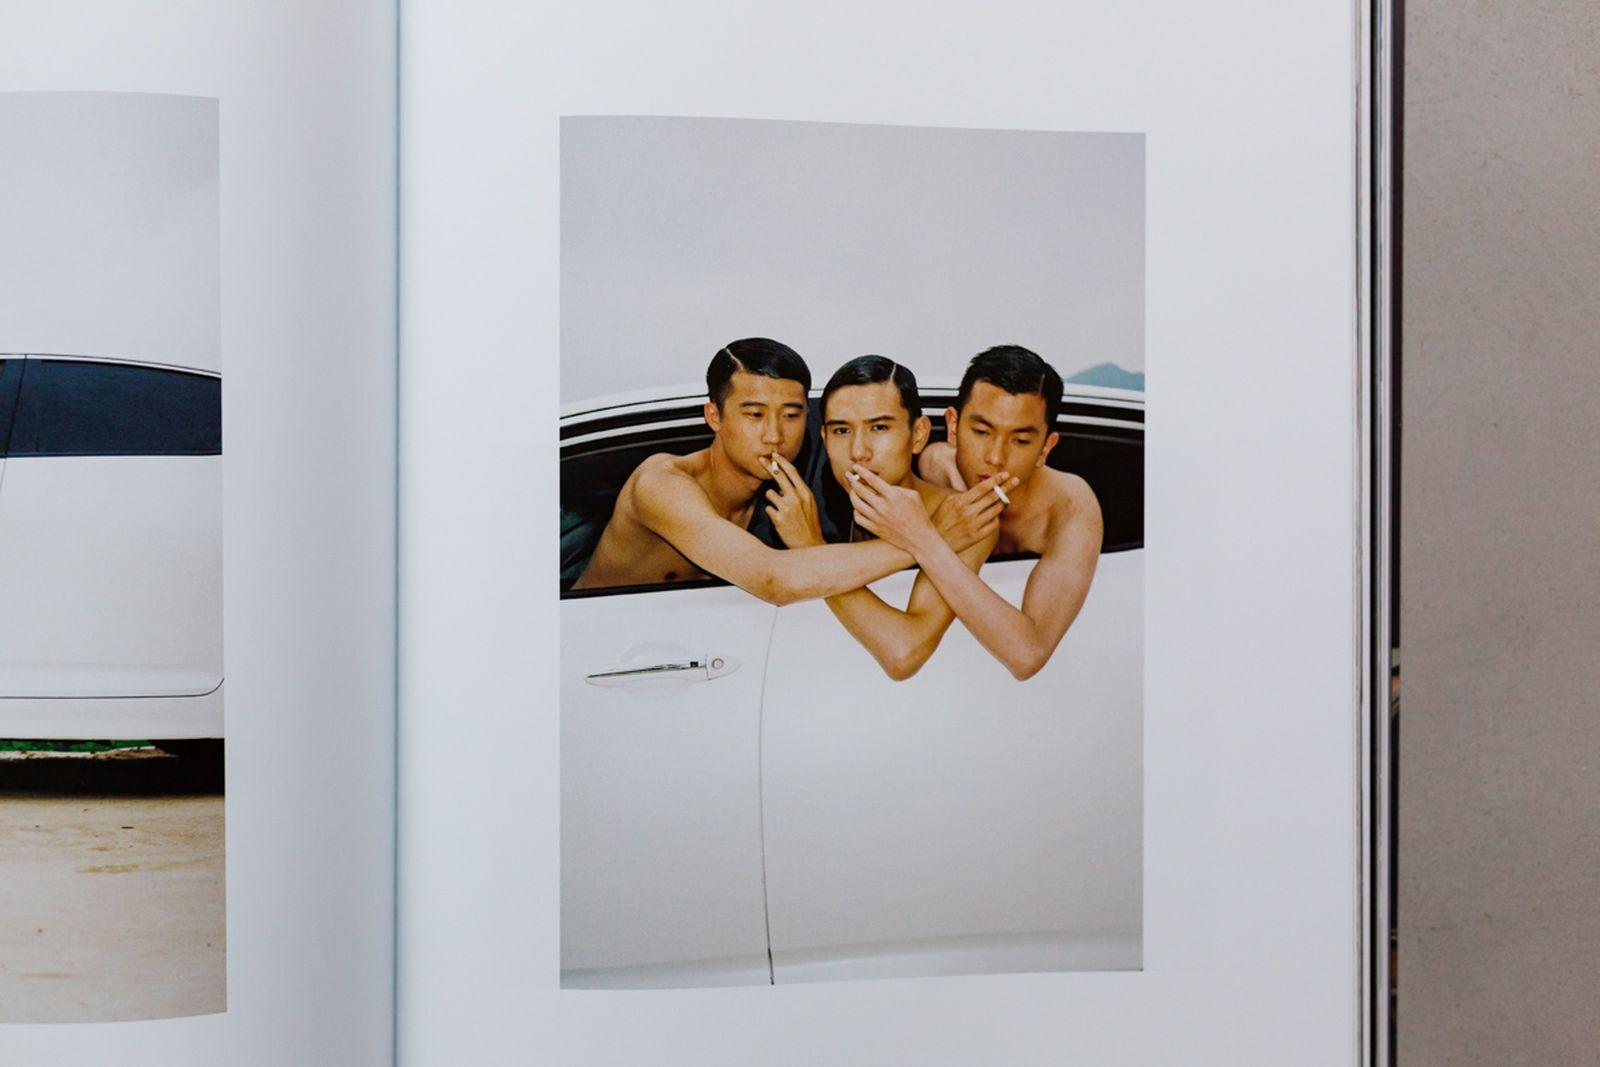 frank-ocean-boys-dont-cry-magazine-03